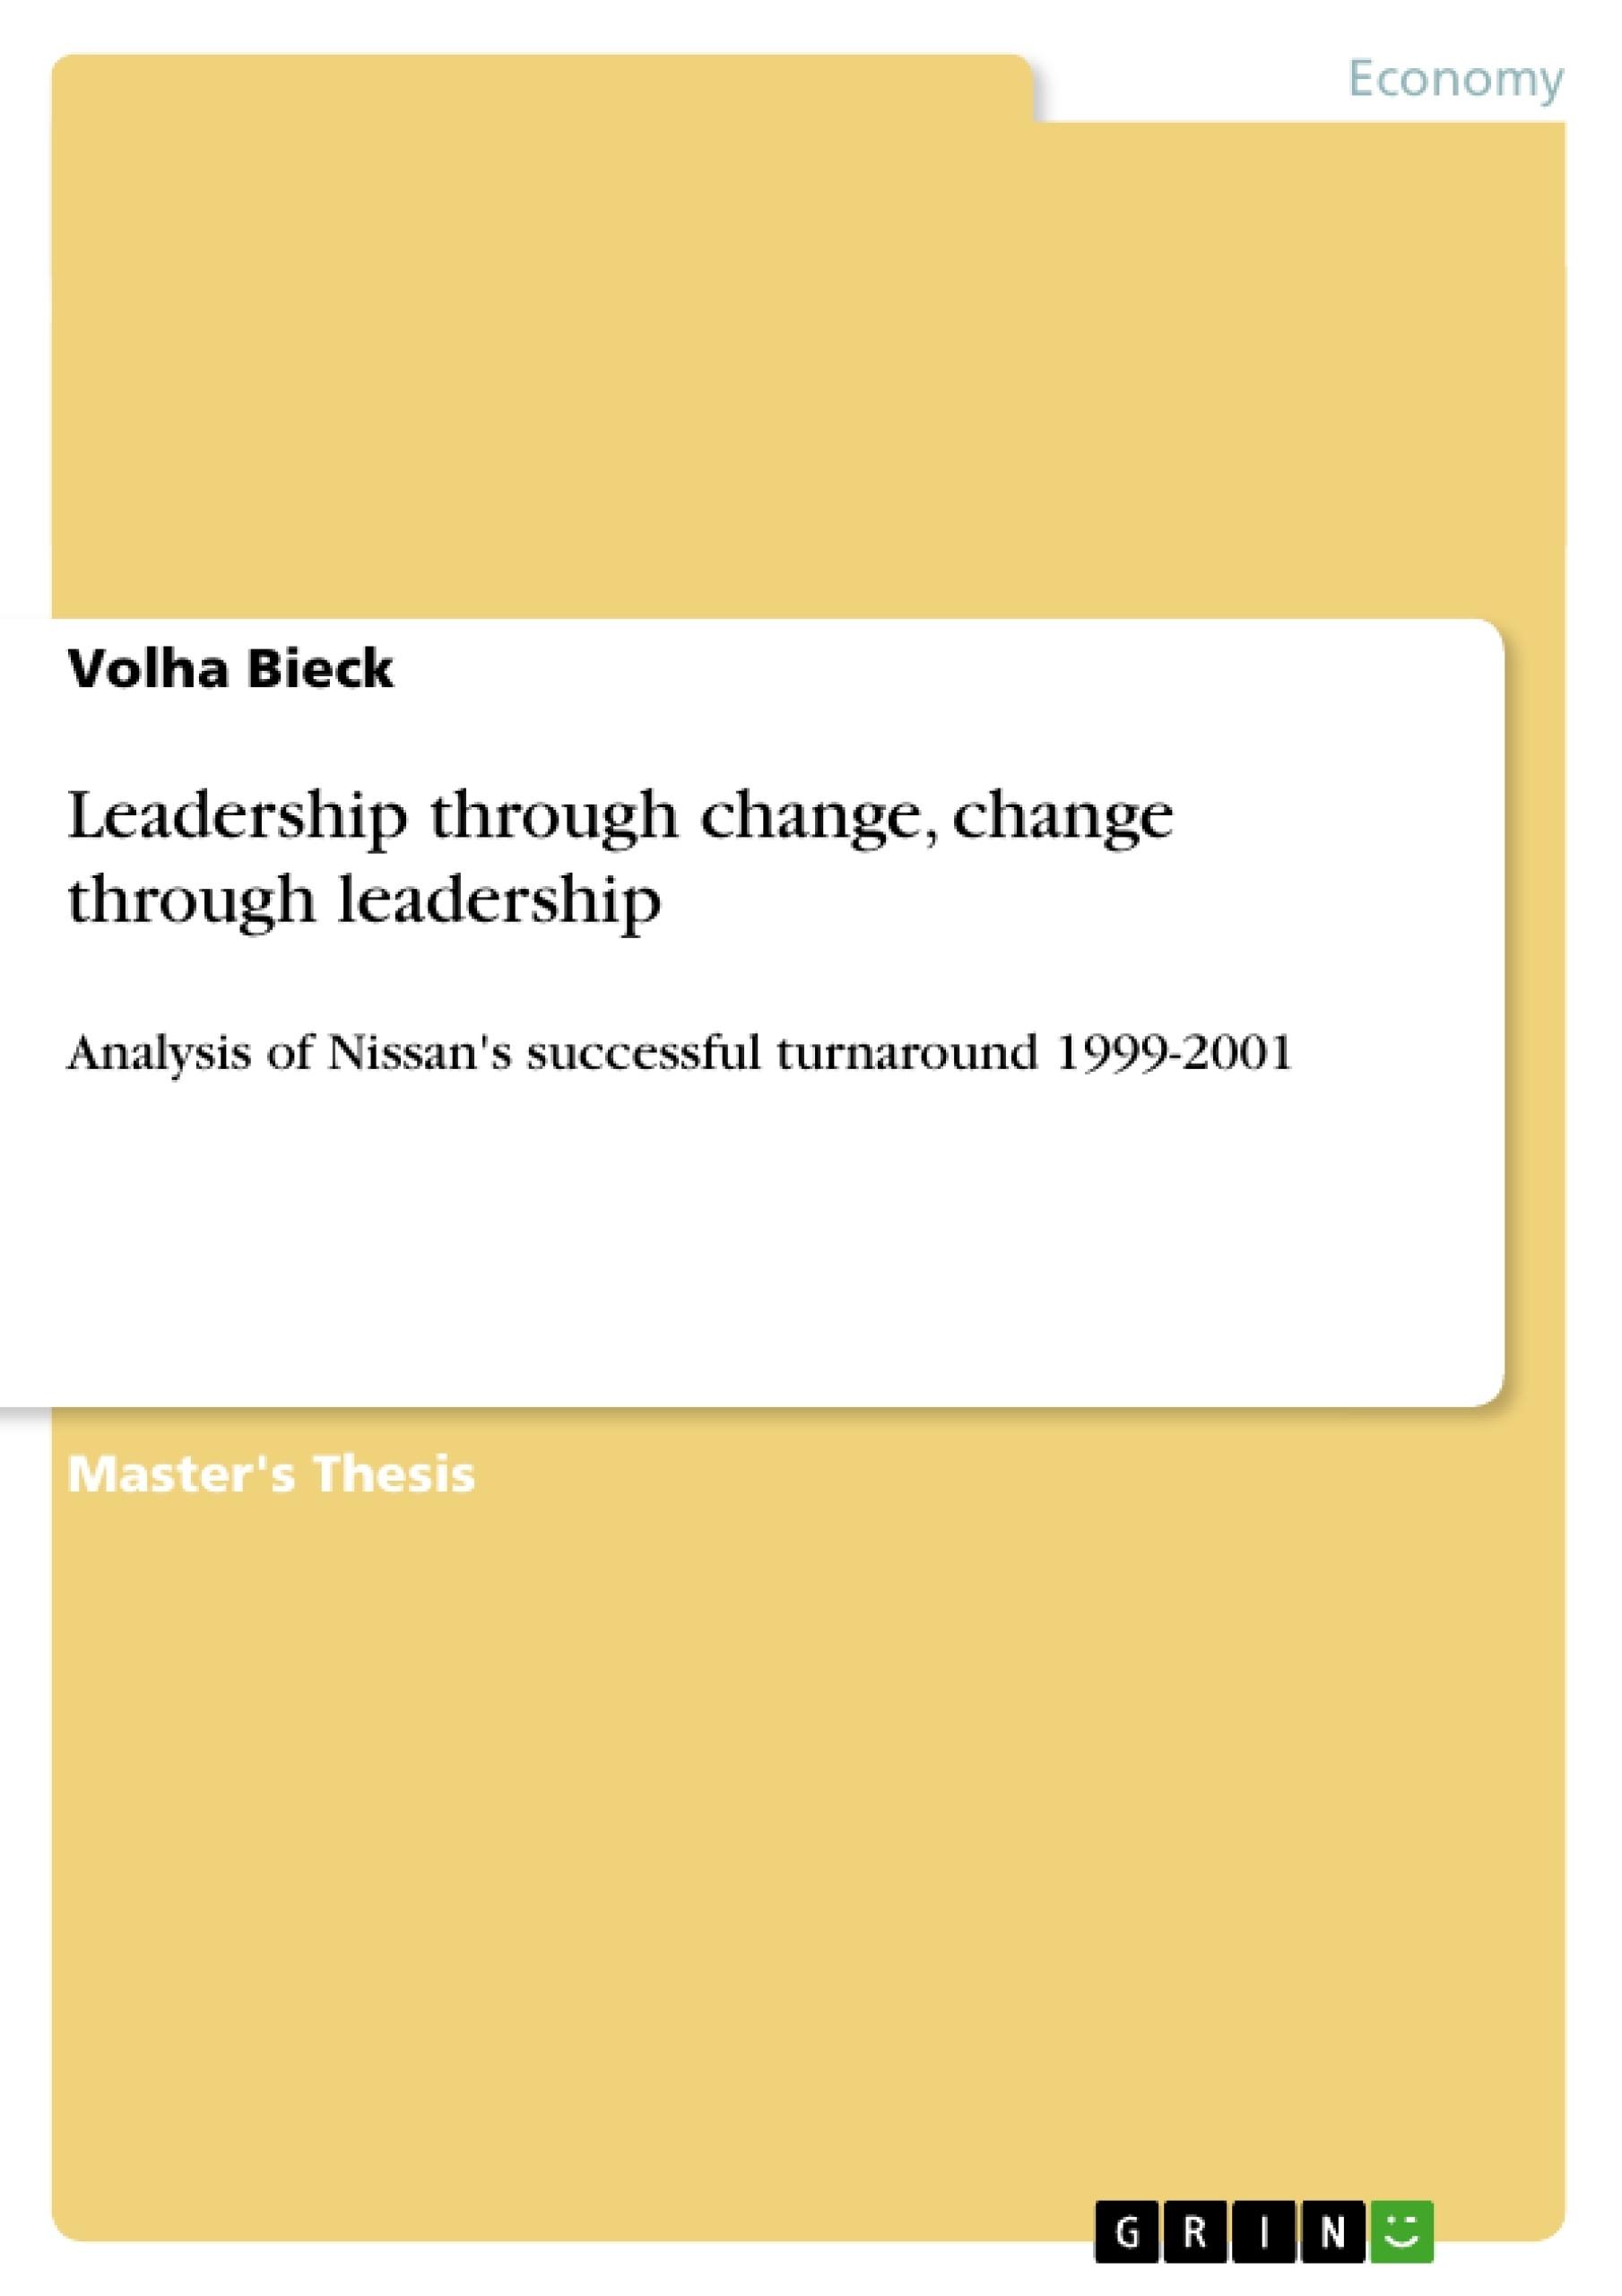 Title: Leadership through change, change through leadership